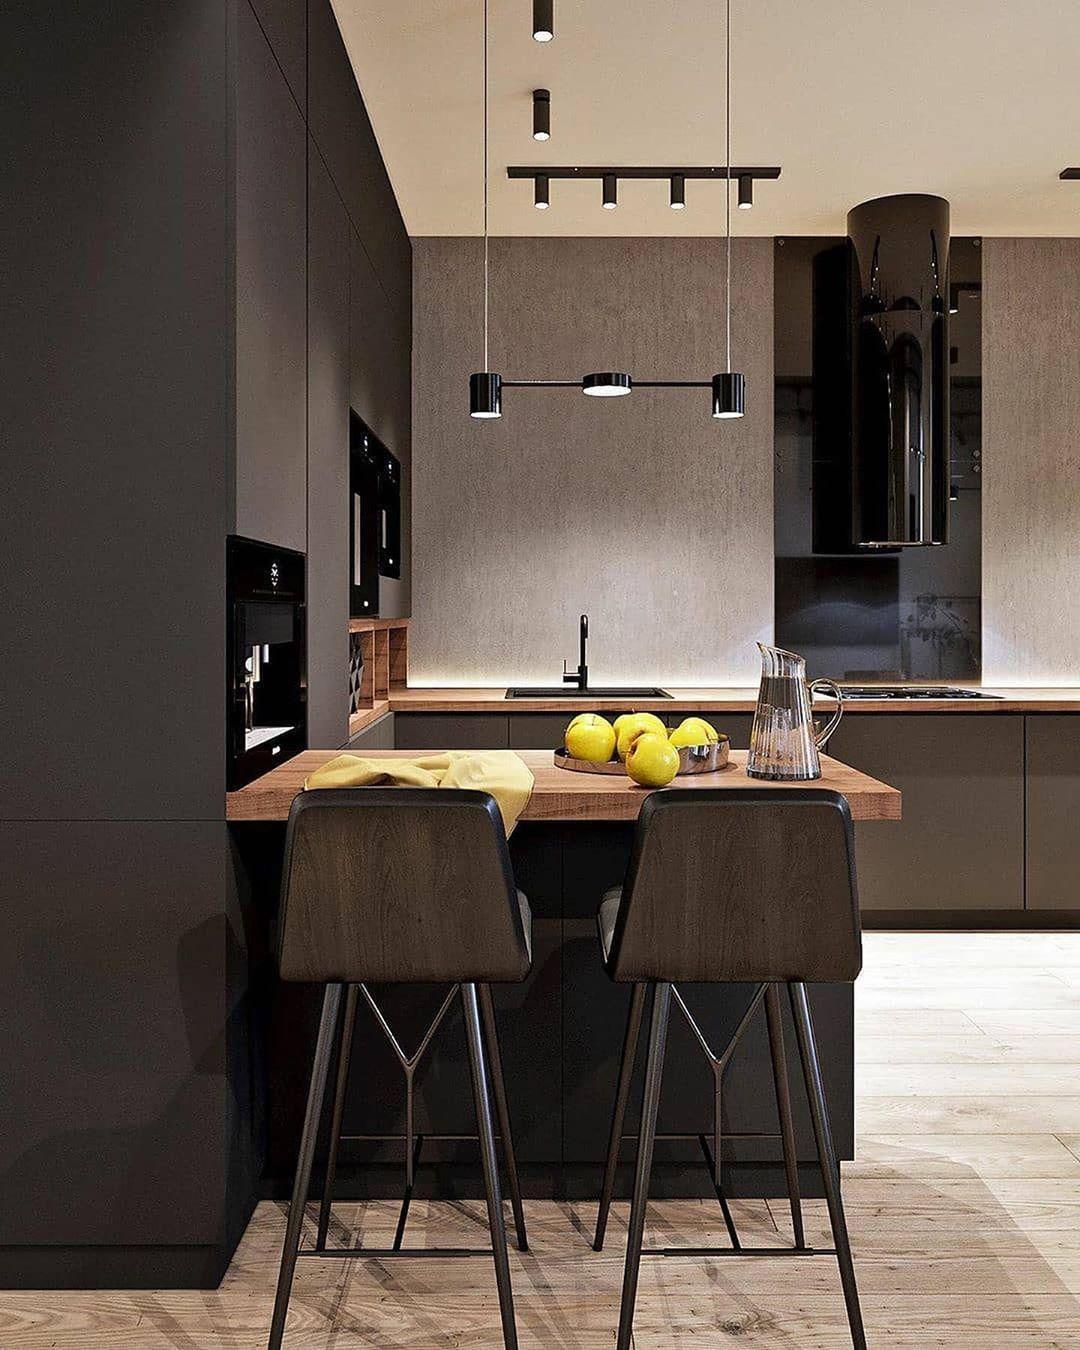 Marvelous 25 Best Interior Design Magazines 2019 Best Plastic